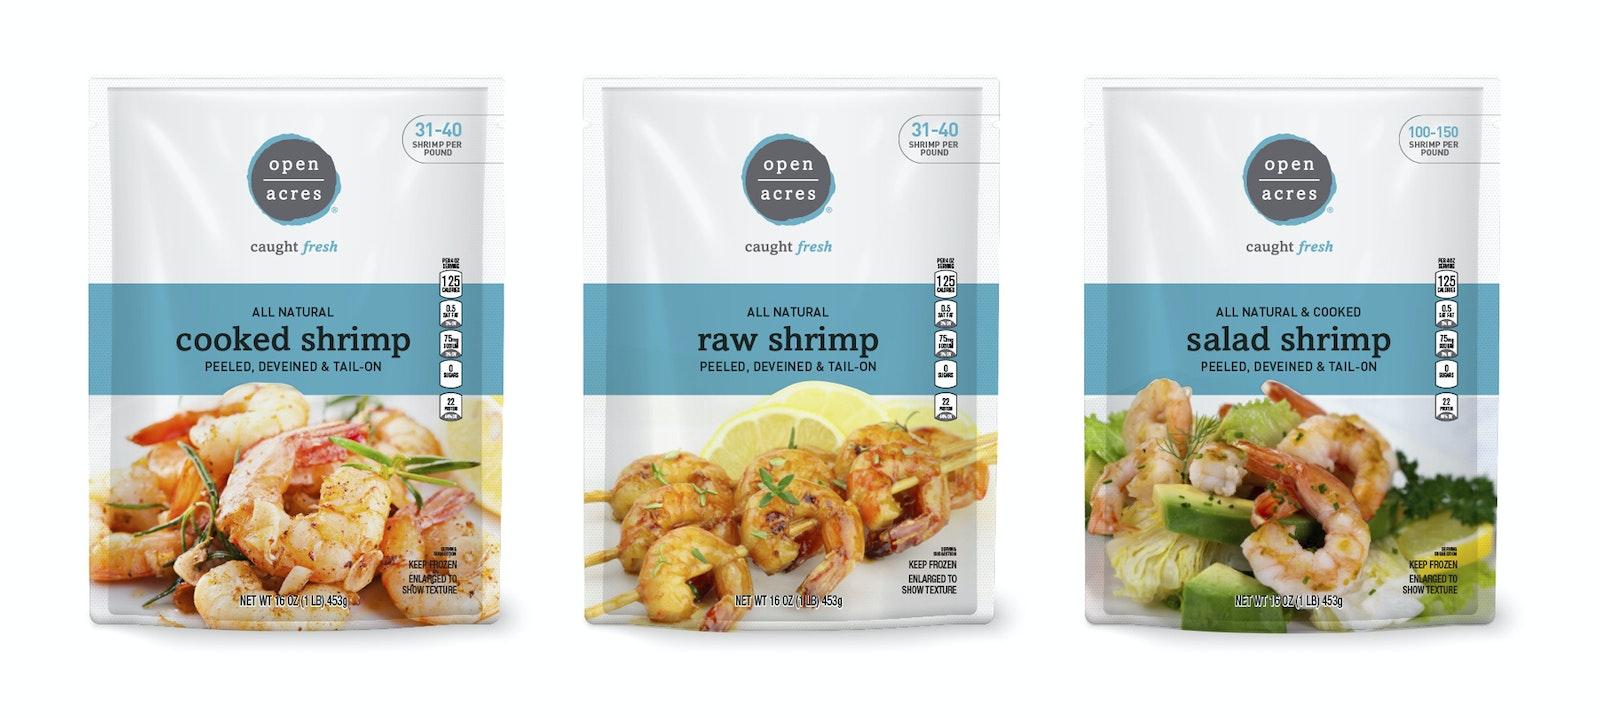 Open Acres Shrimp